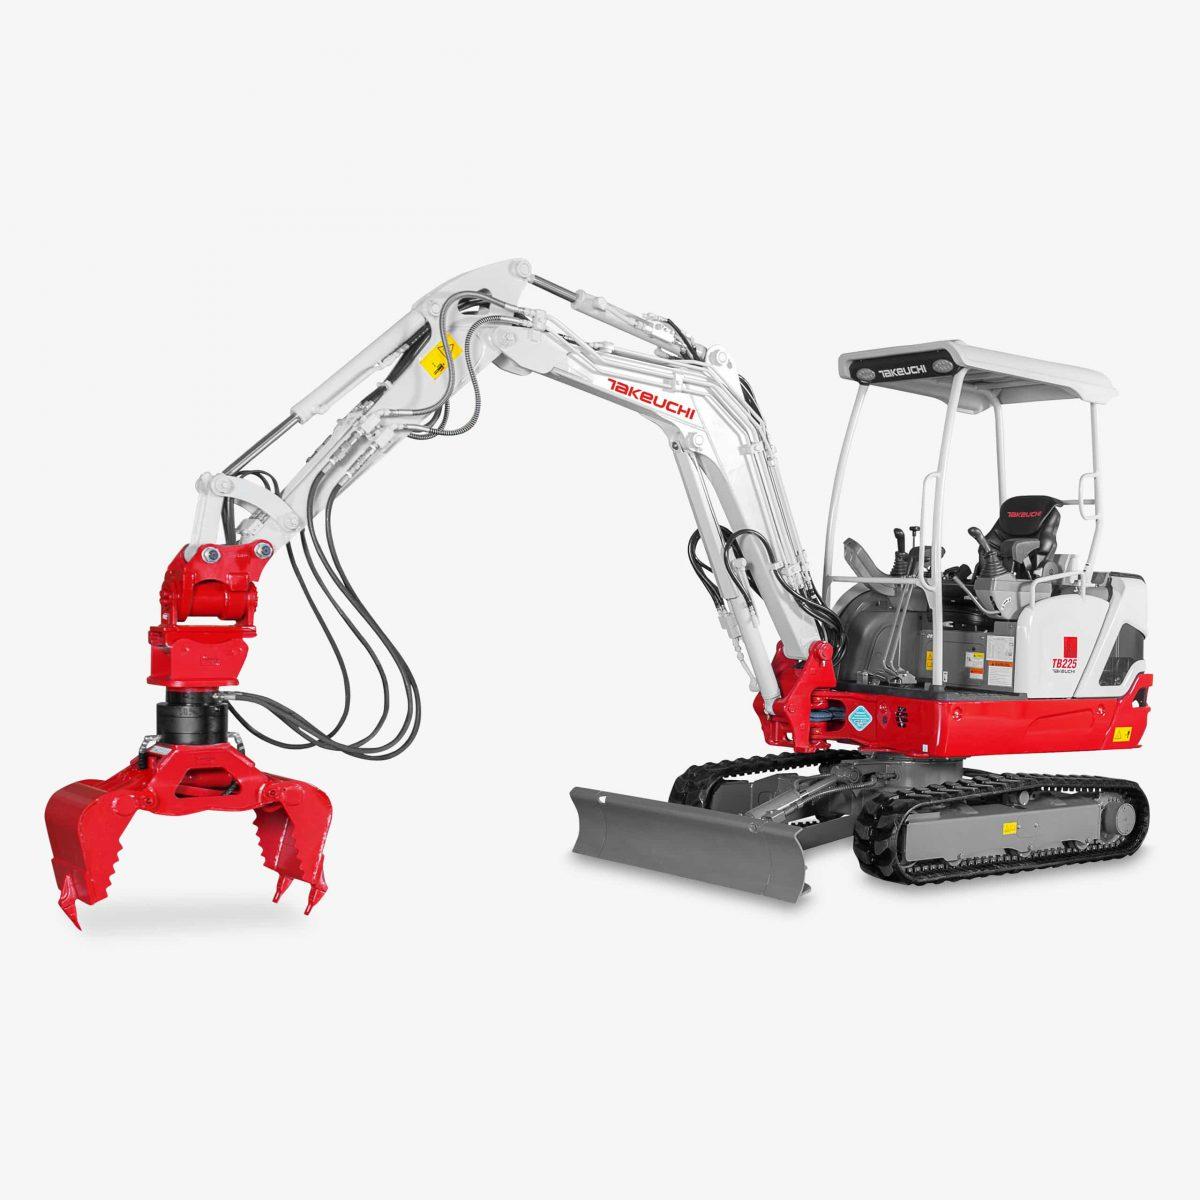 Huppenkothen Baumaschinen Bagger Minibagger Takeuchi TB225 Universalgreifer Huppgrip